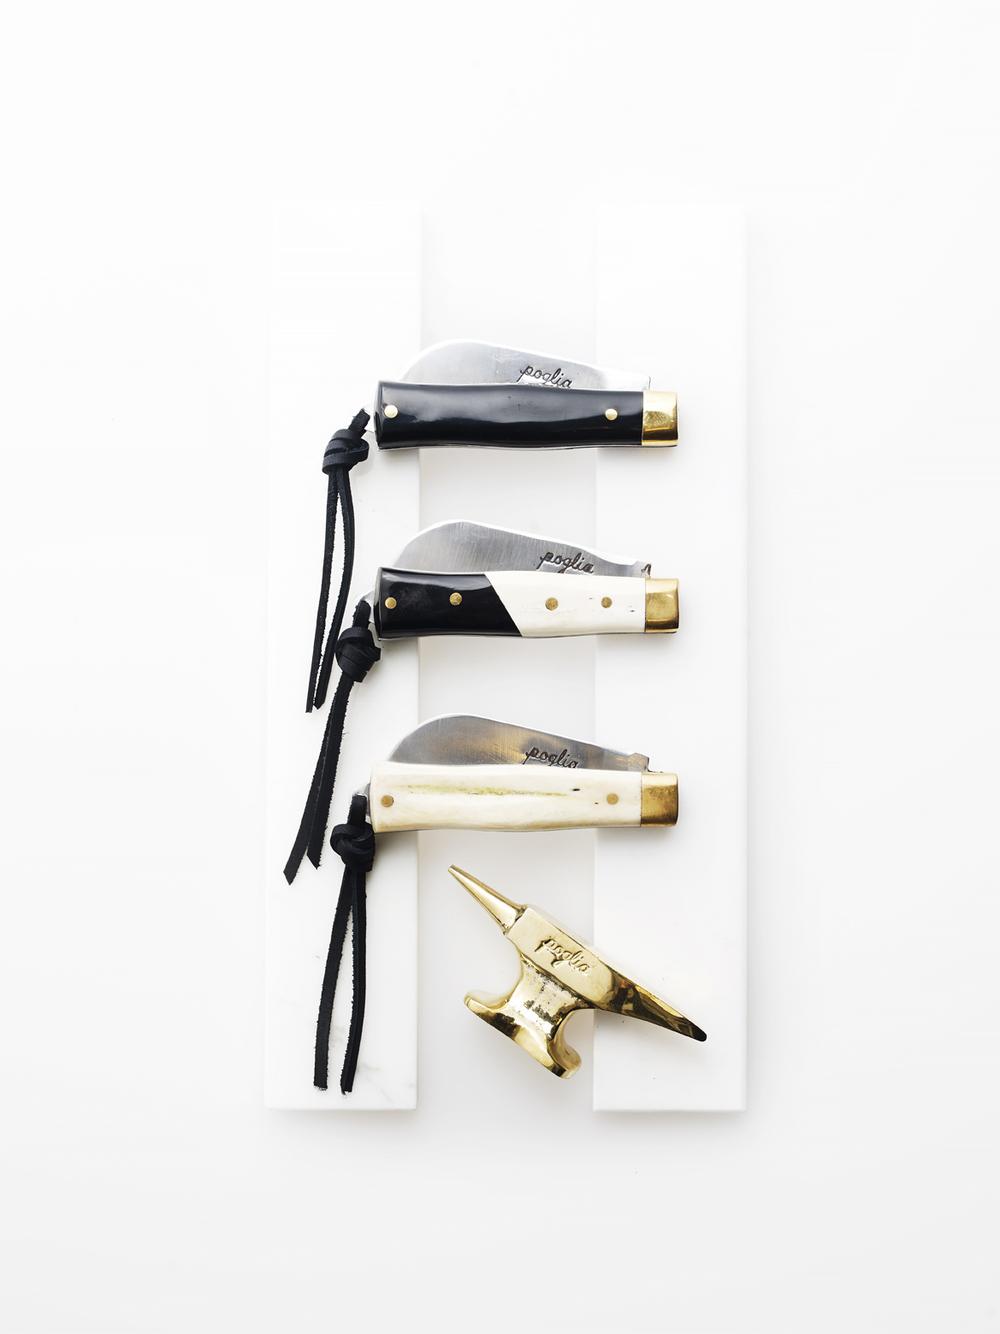 Poglia Handcrafted Knives